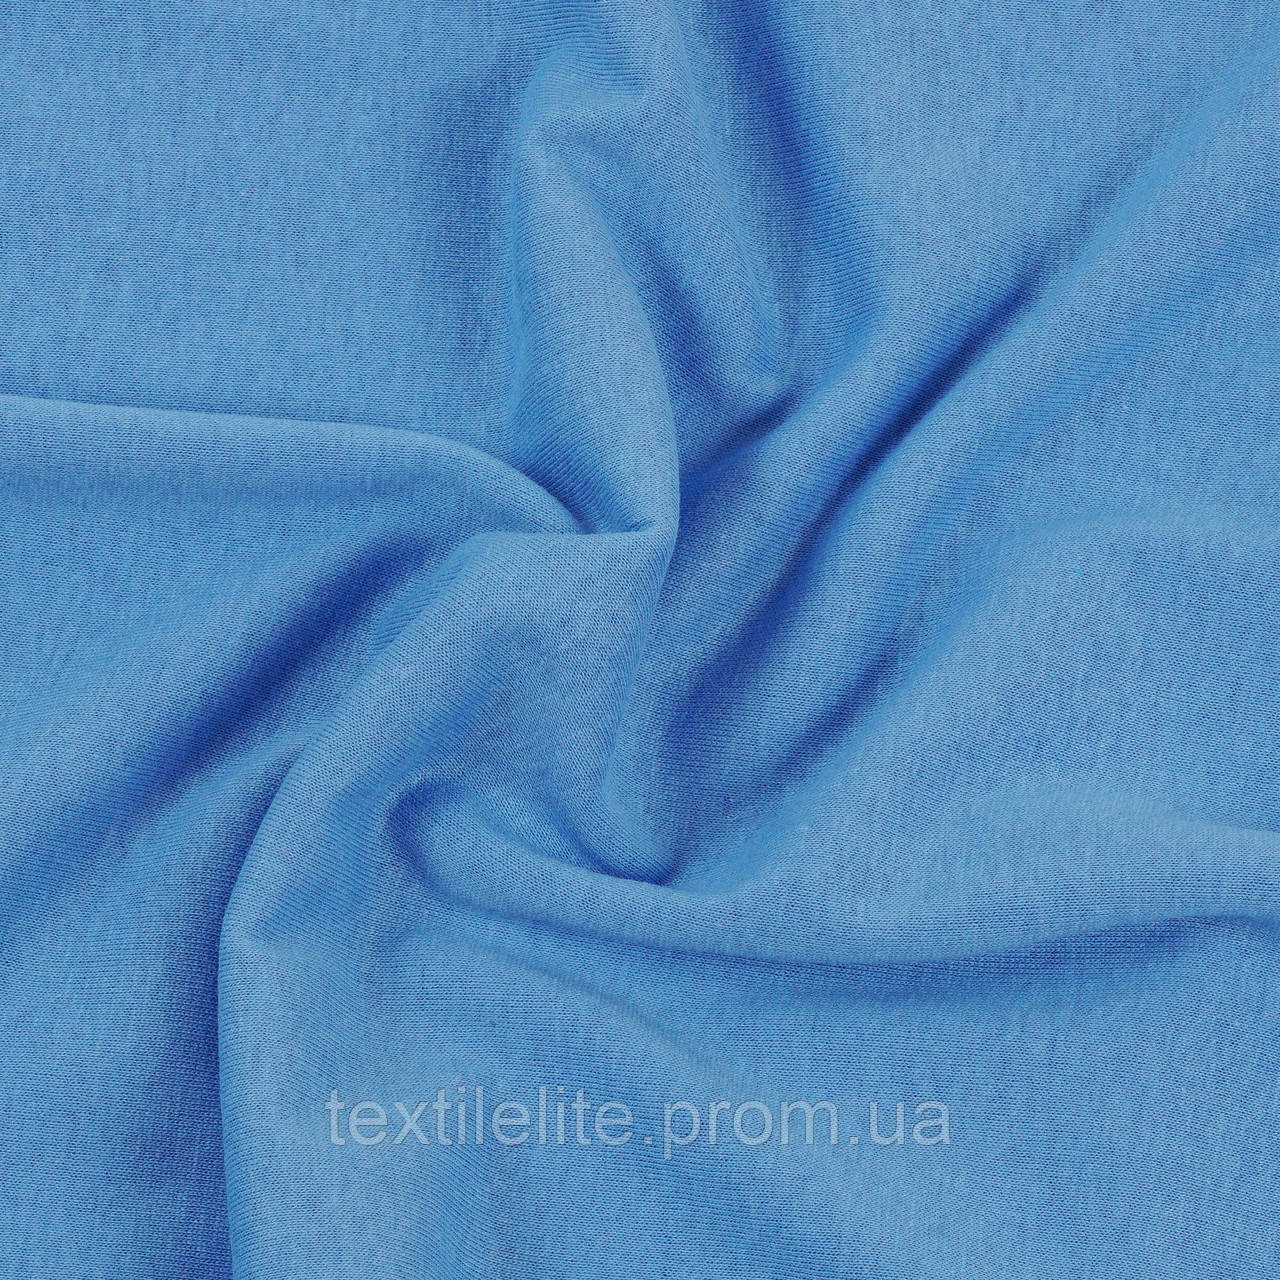 Кулирная гладь. Цвет Васильковый (голубой). Ткань трикотаж однотонный в рулонах